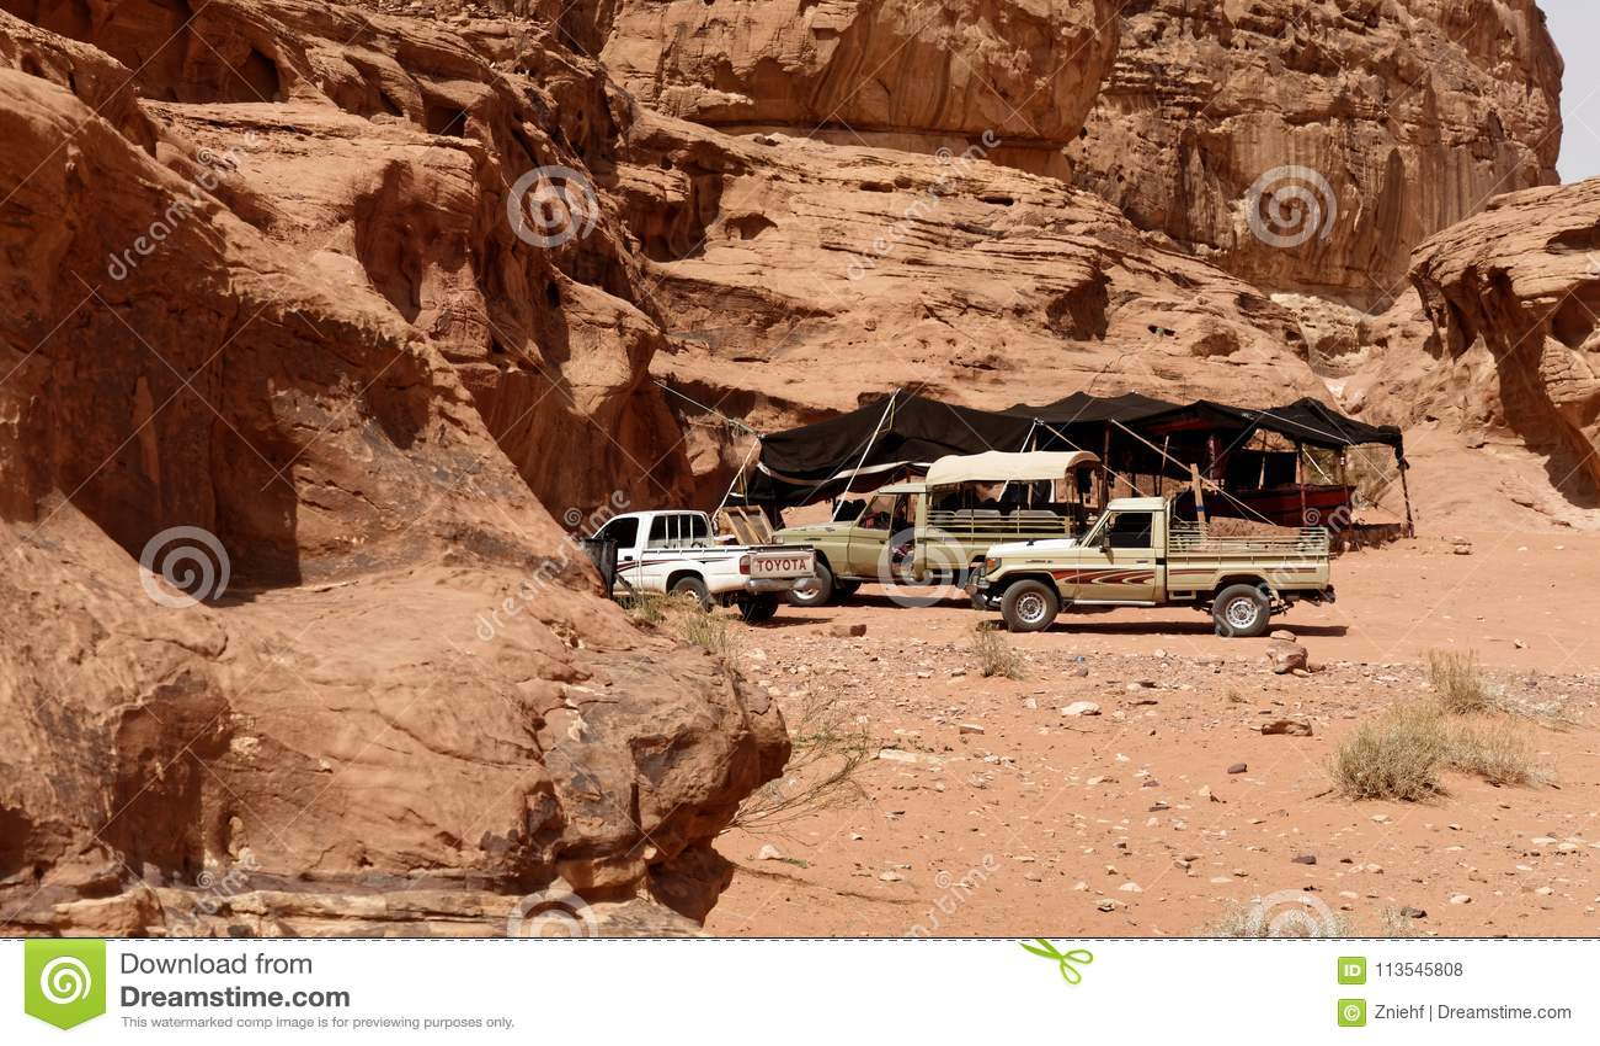 Wadi Rum, Jordânia, o 8 de março de 2018: Acampe para o turista que chega em SUV com uma tisana de refrescamento do serviço beduí